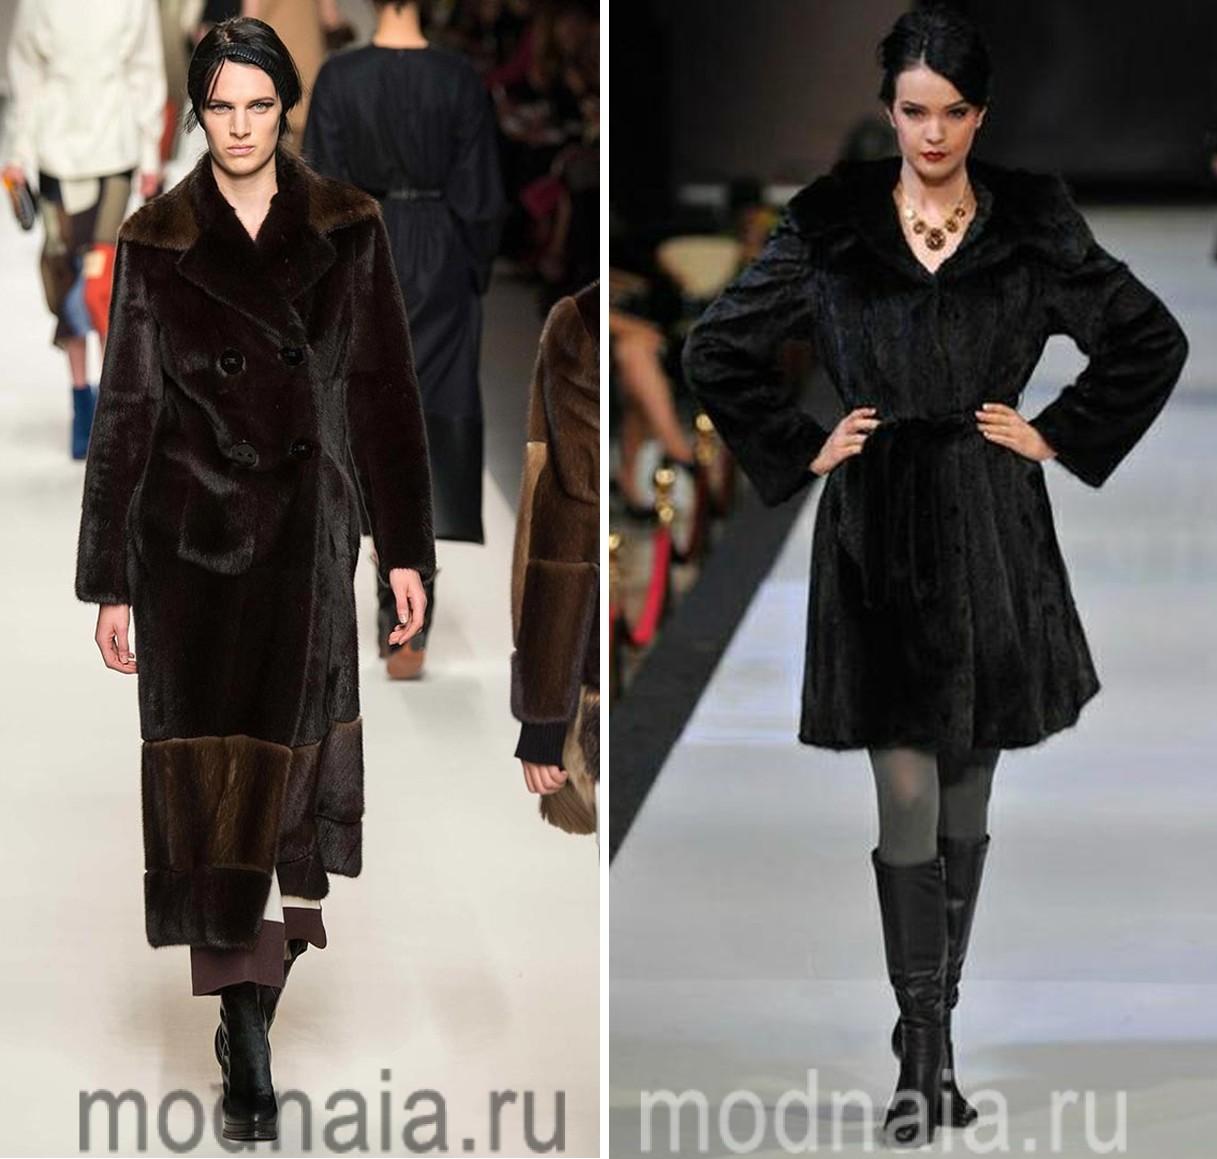 Модные Шубы 2017 Из Норки